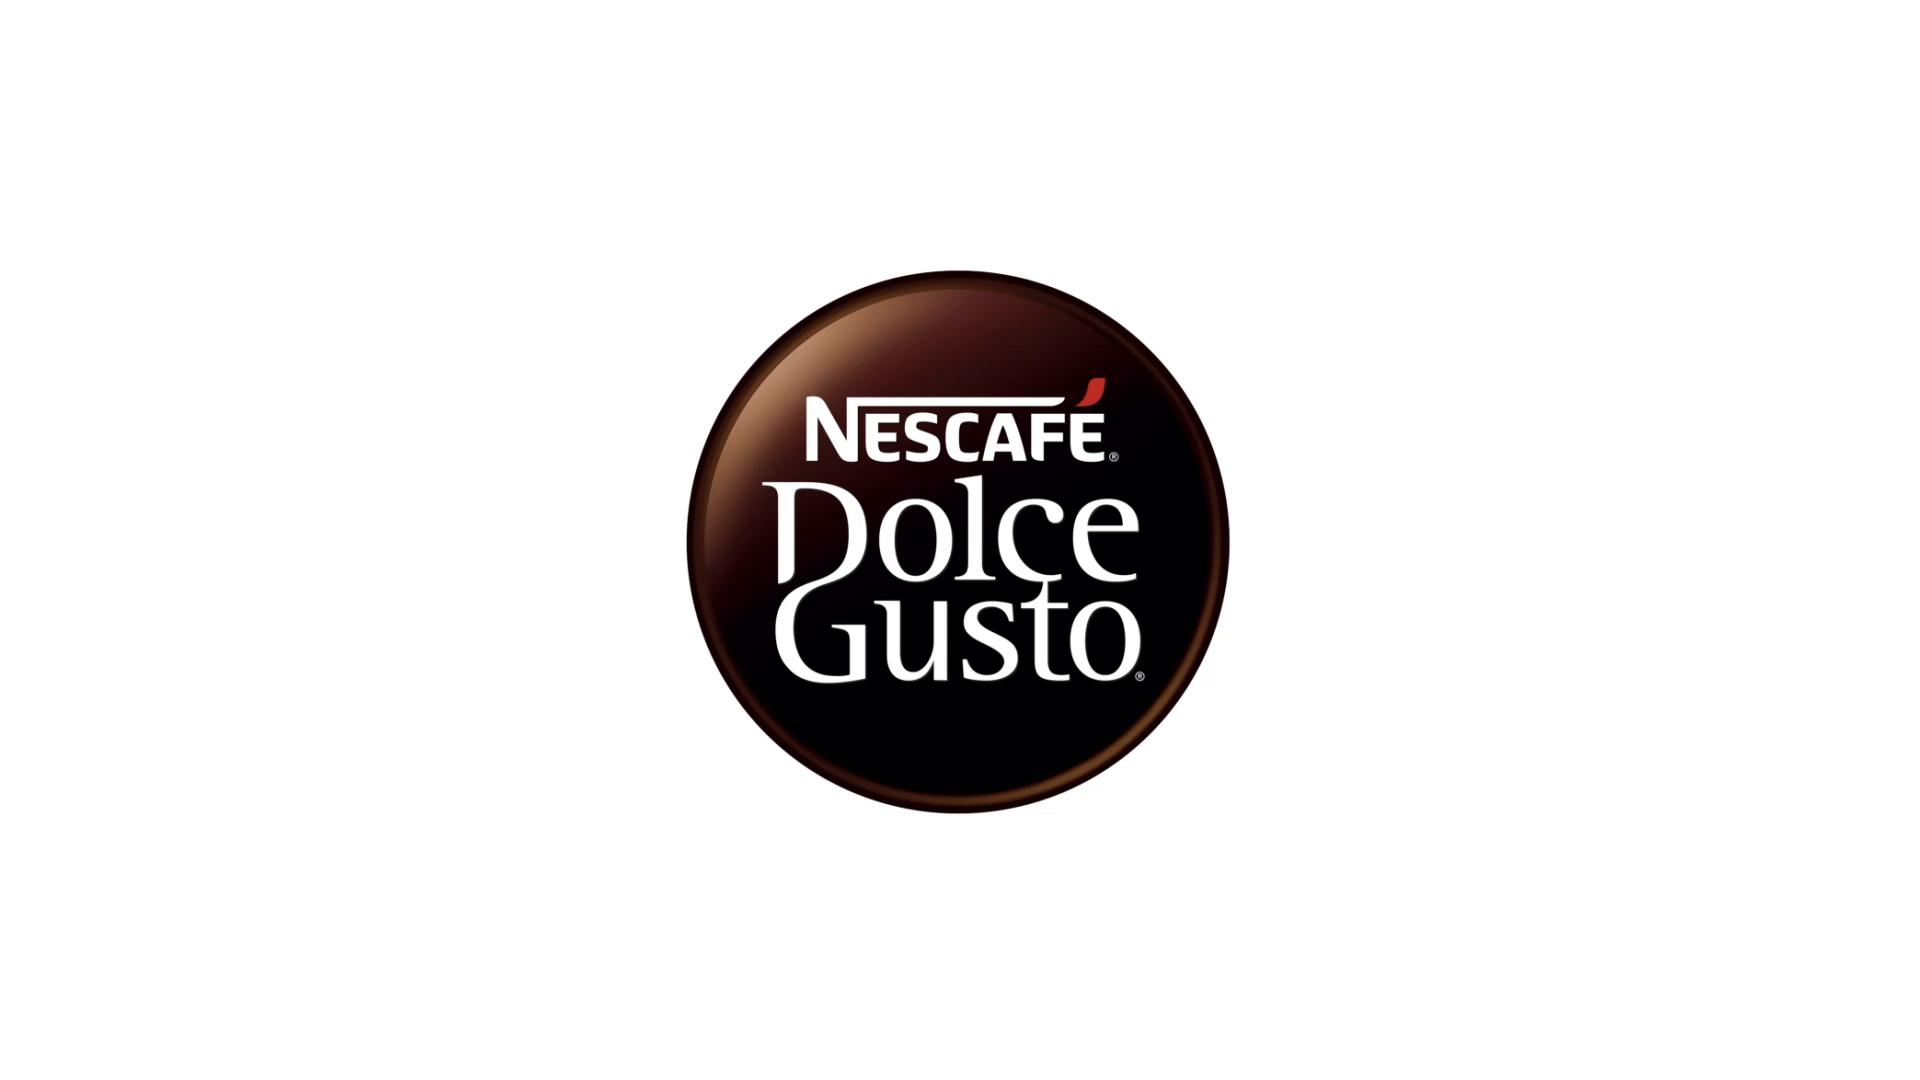 Nescafé Dolce Gusto Piccolo XS KP1A Macchina per Caffè Espresso e Altre Bevande, Manuale, Bianco/Nero 2